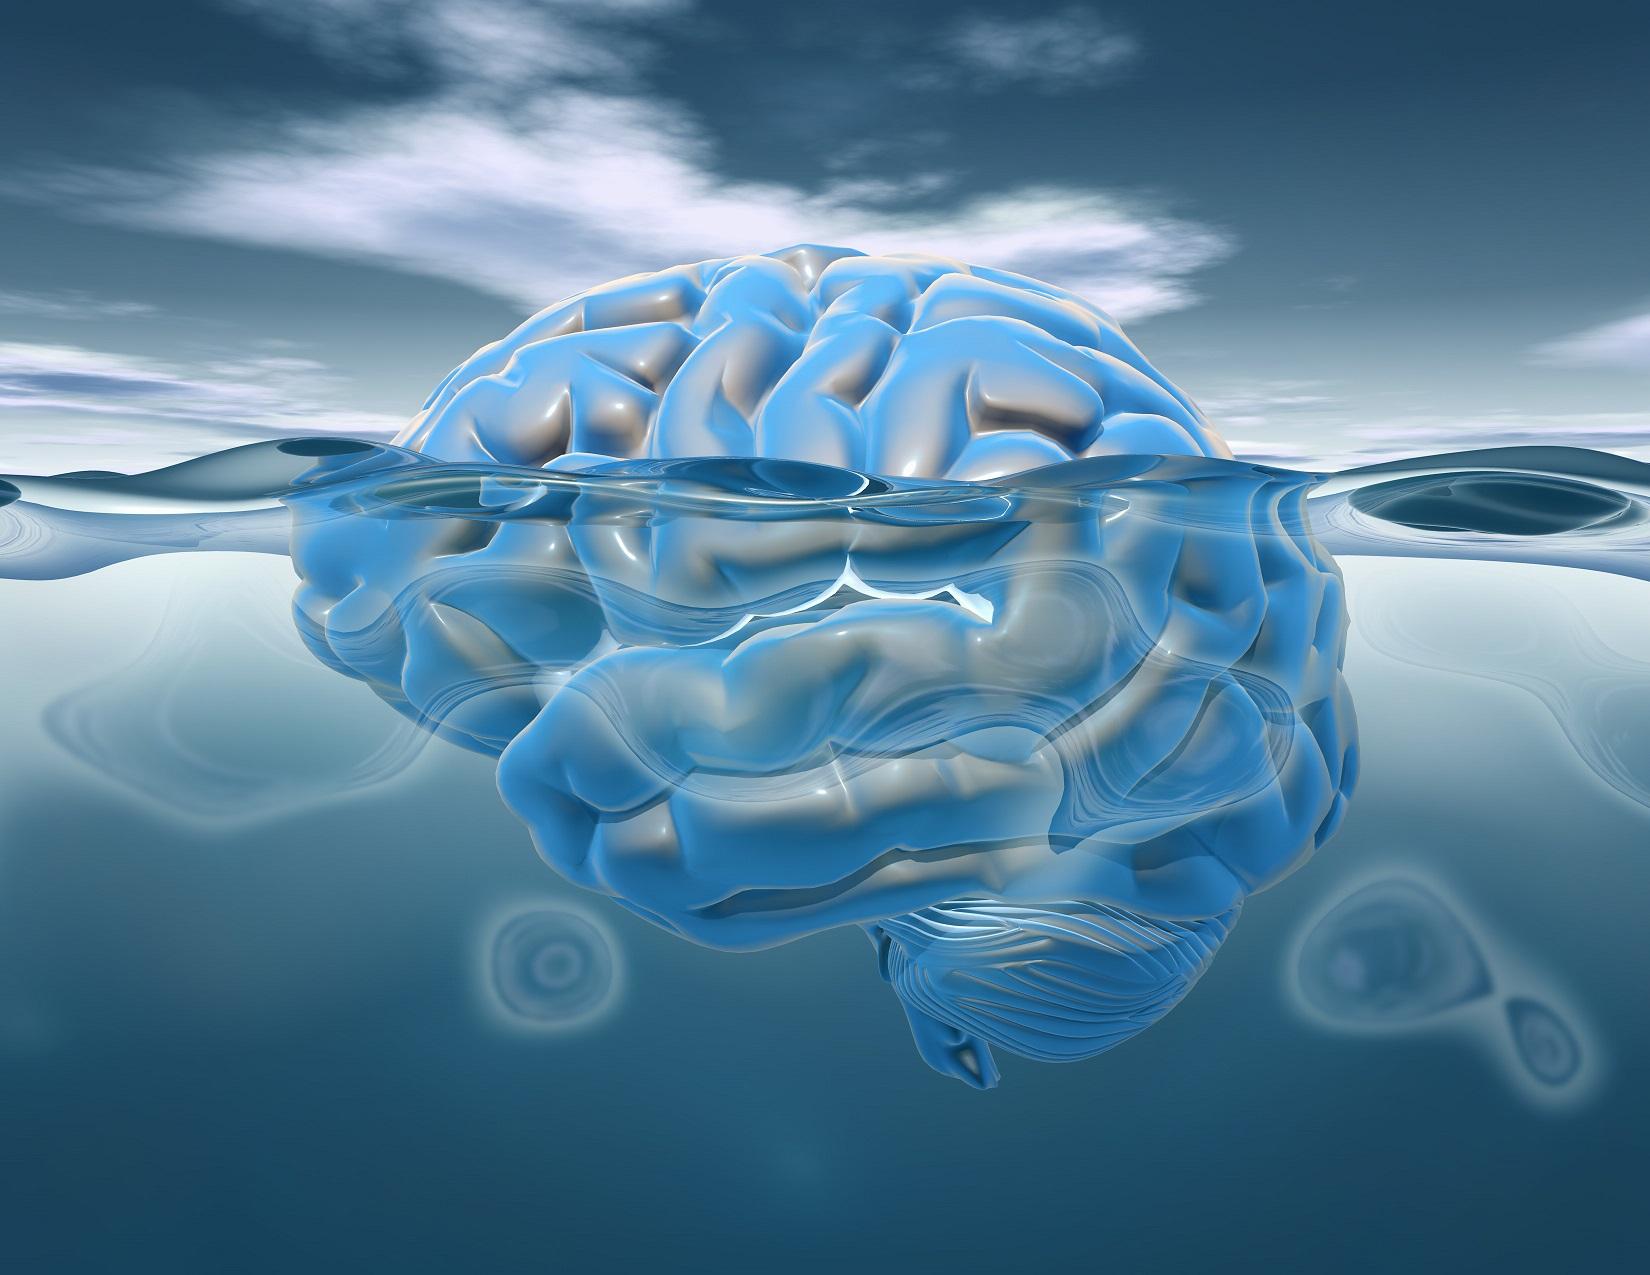 自分の可能性を最大限に引き出す『潜在意識』の活用法